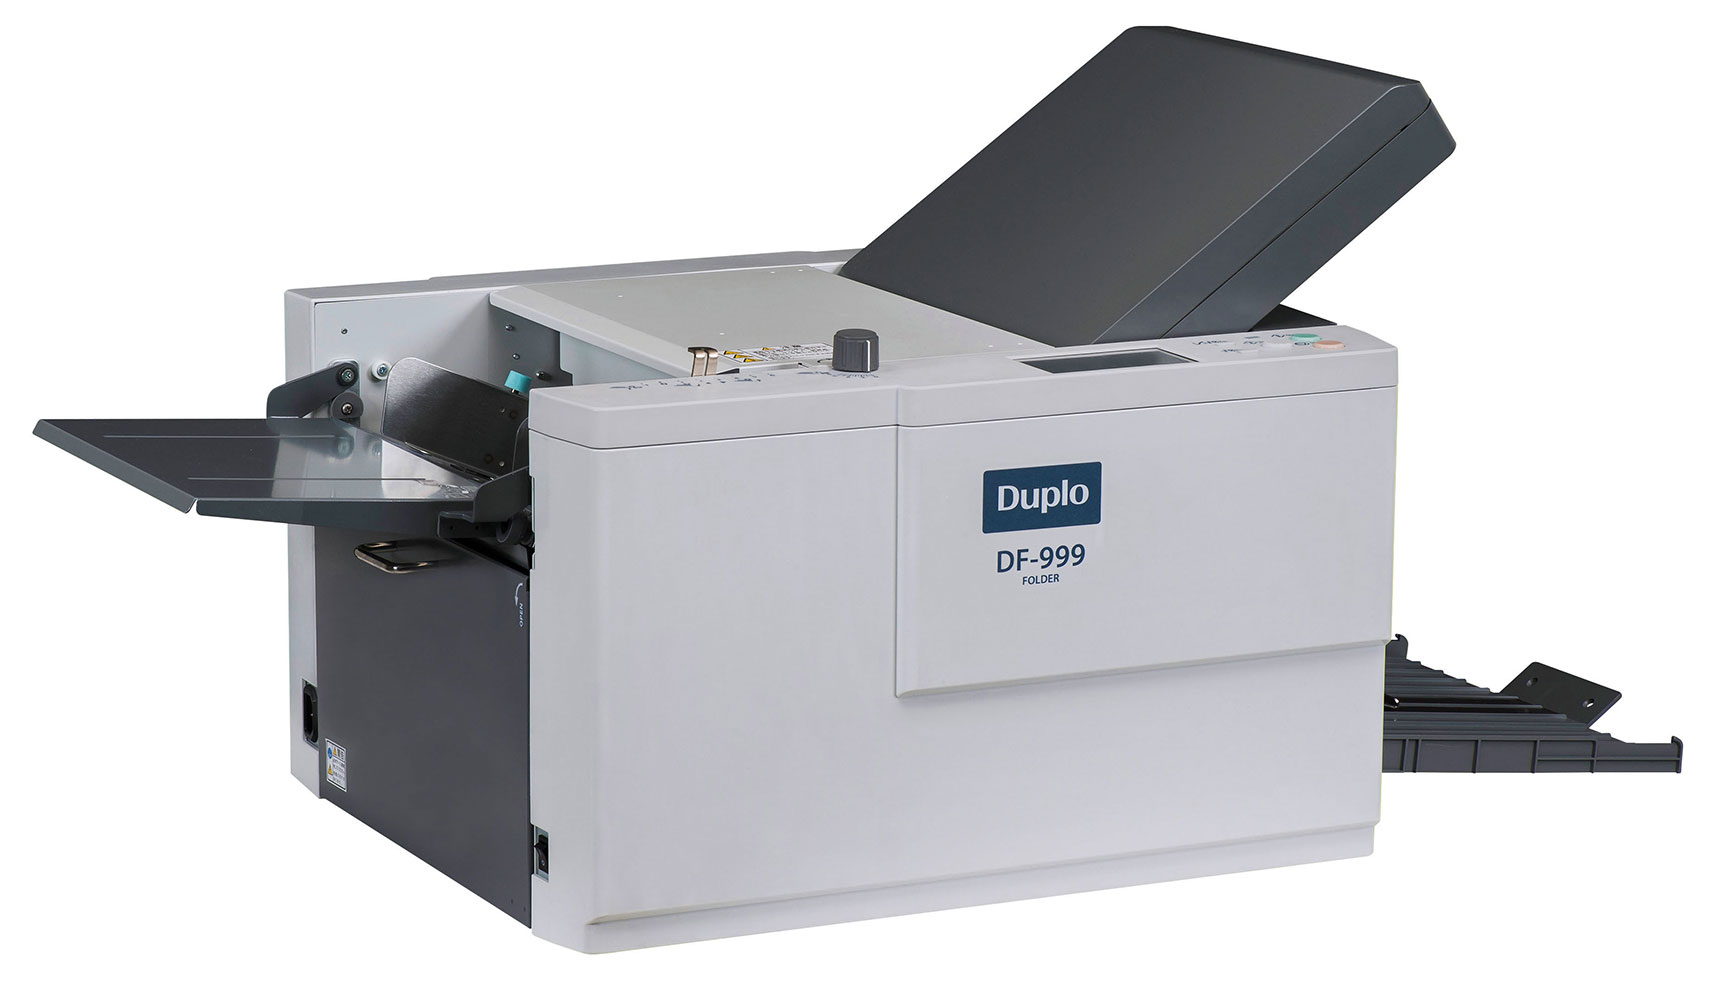 Duplo DF-999